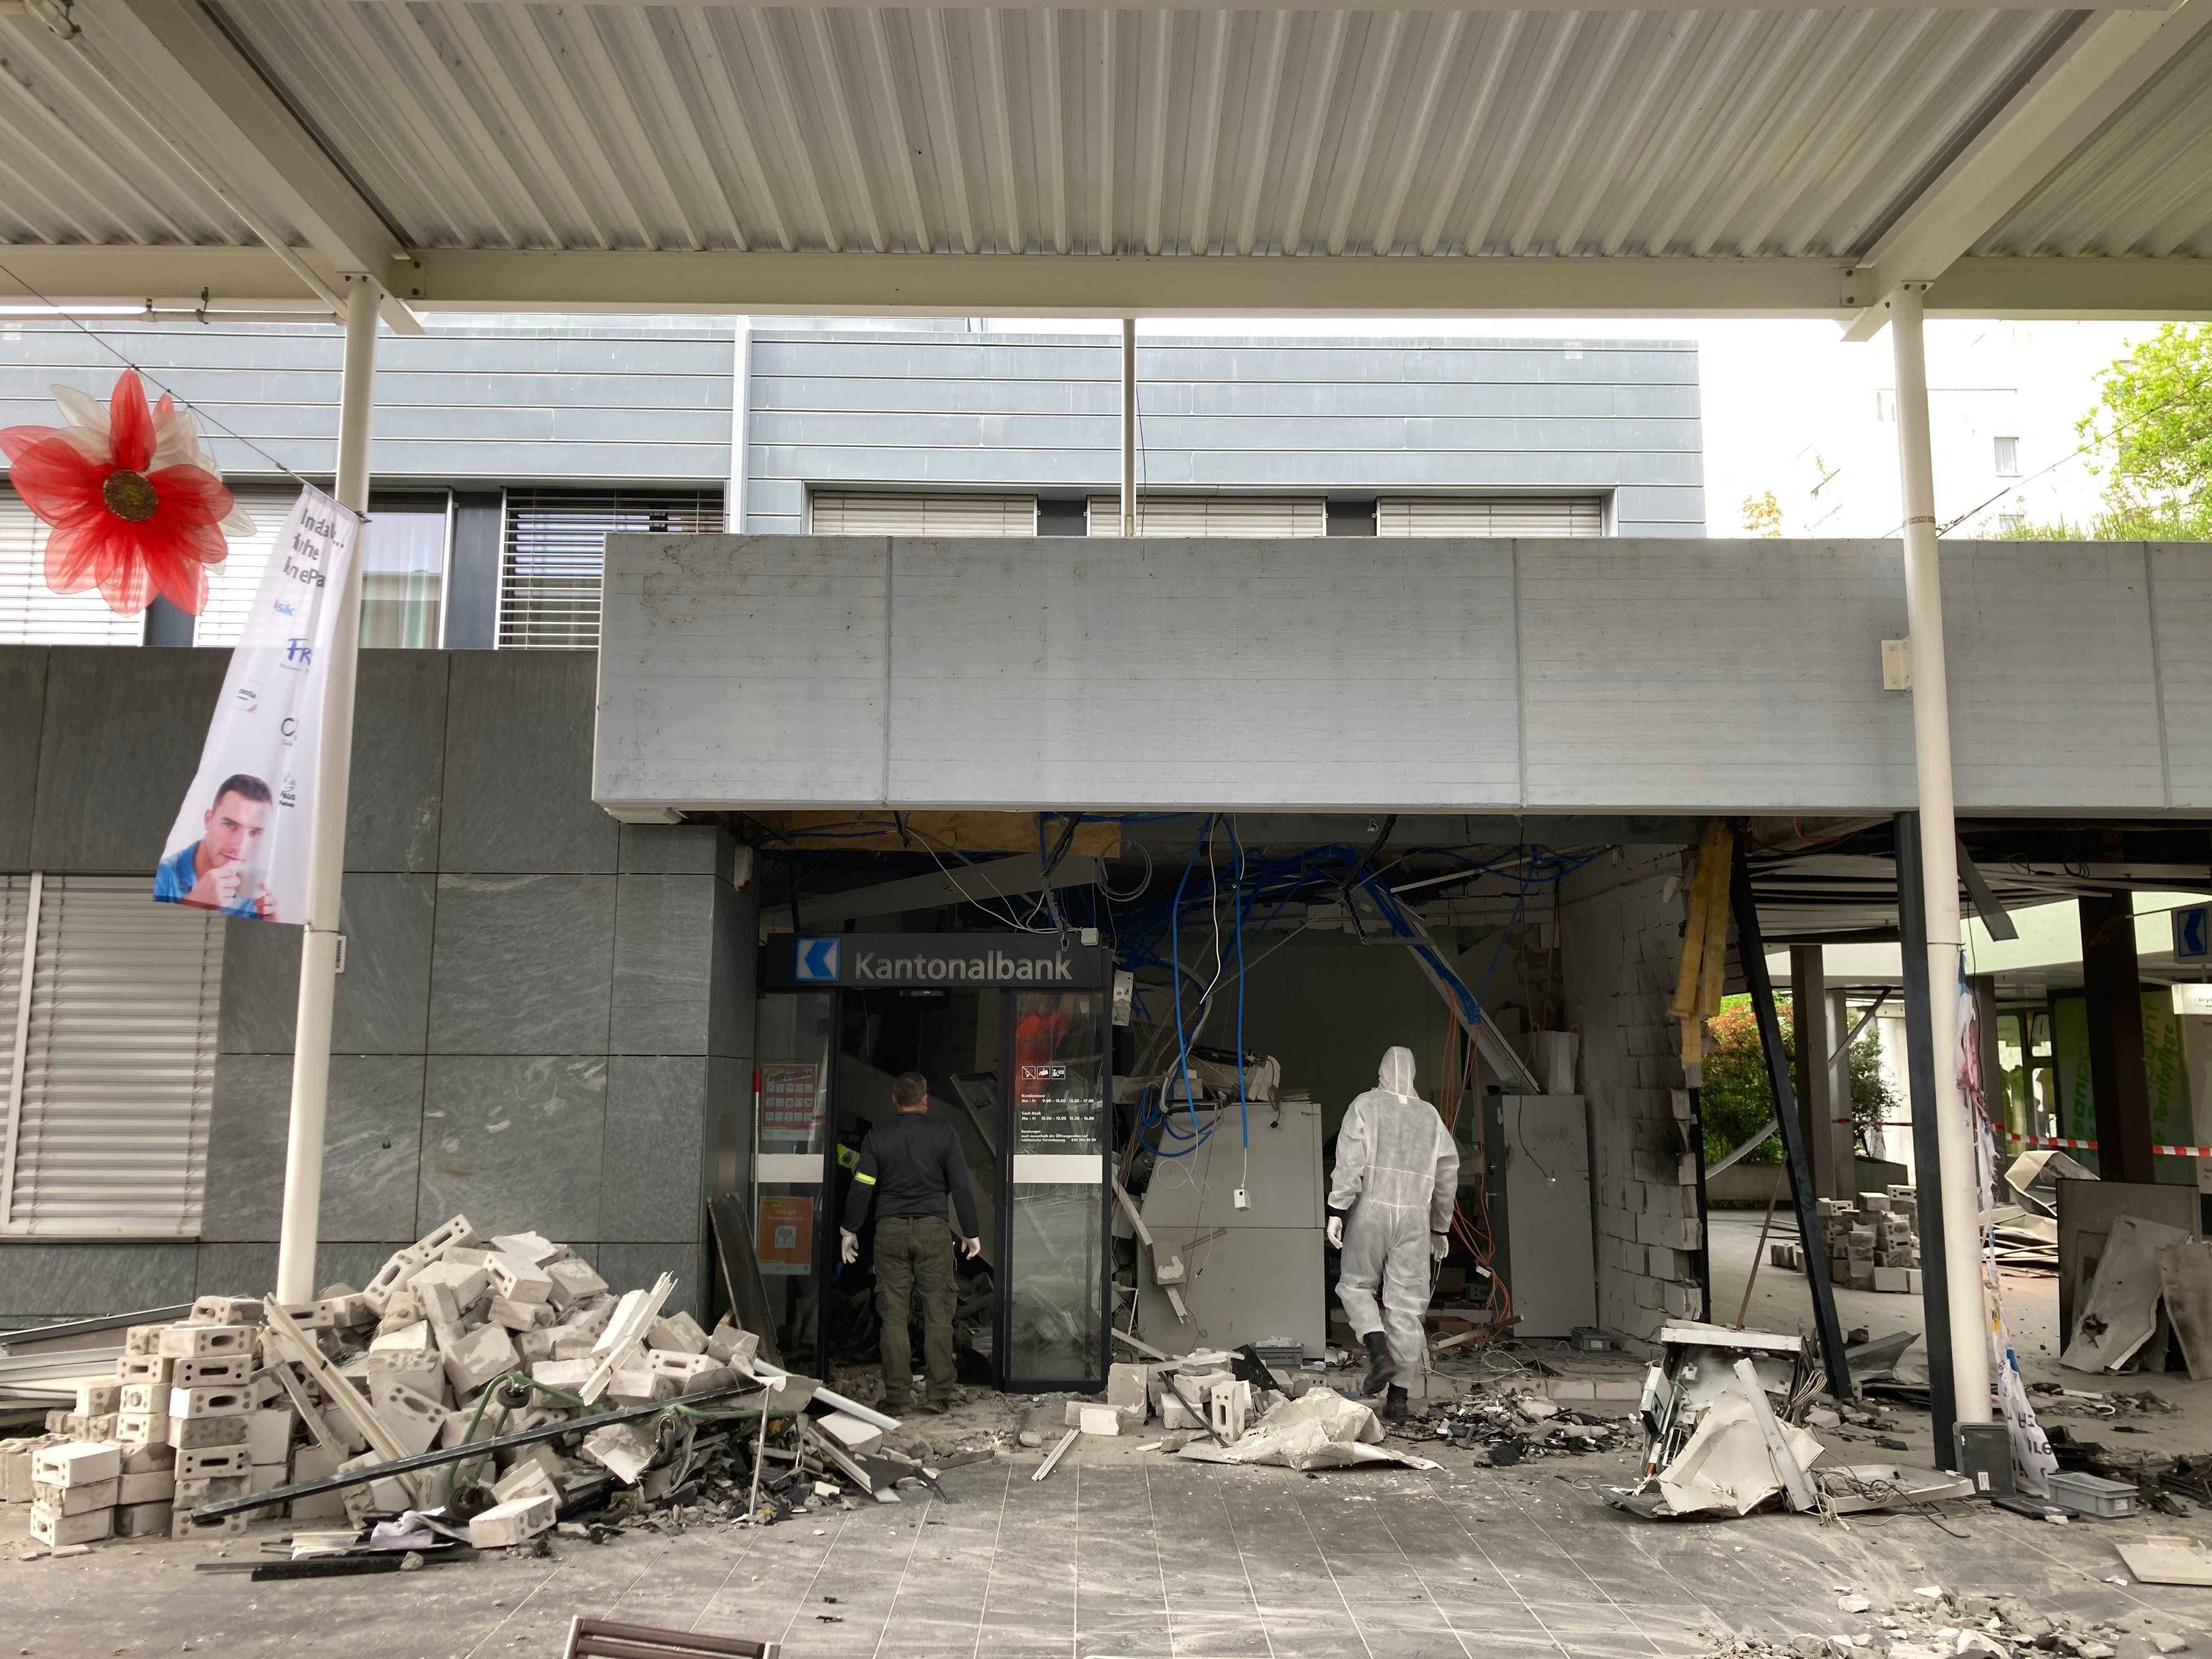 Die Filiale der AKB wurde zerstört. Die Täter konnten mit Bargeld flüchten.